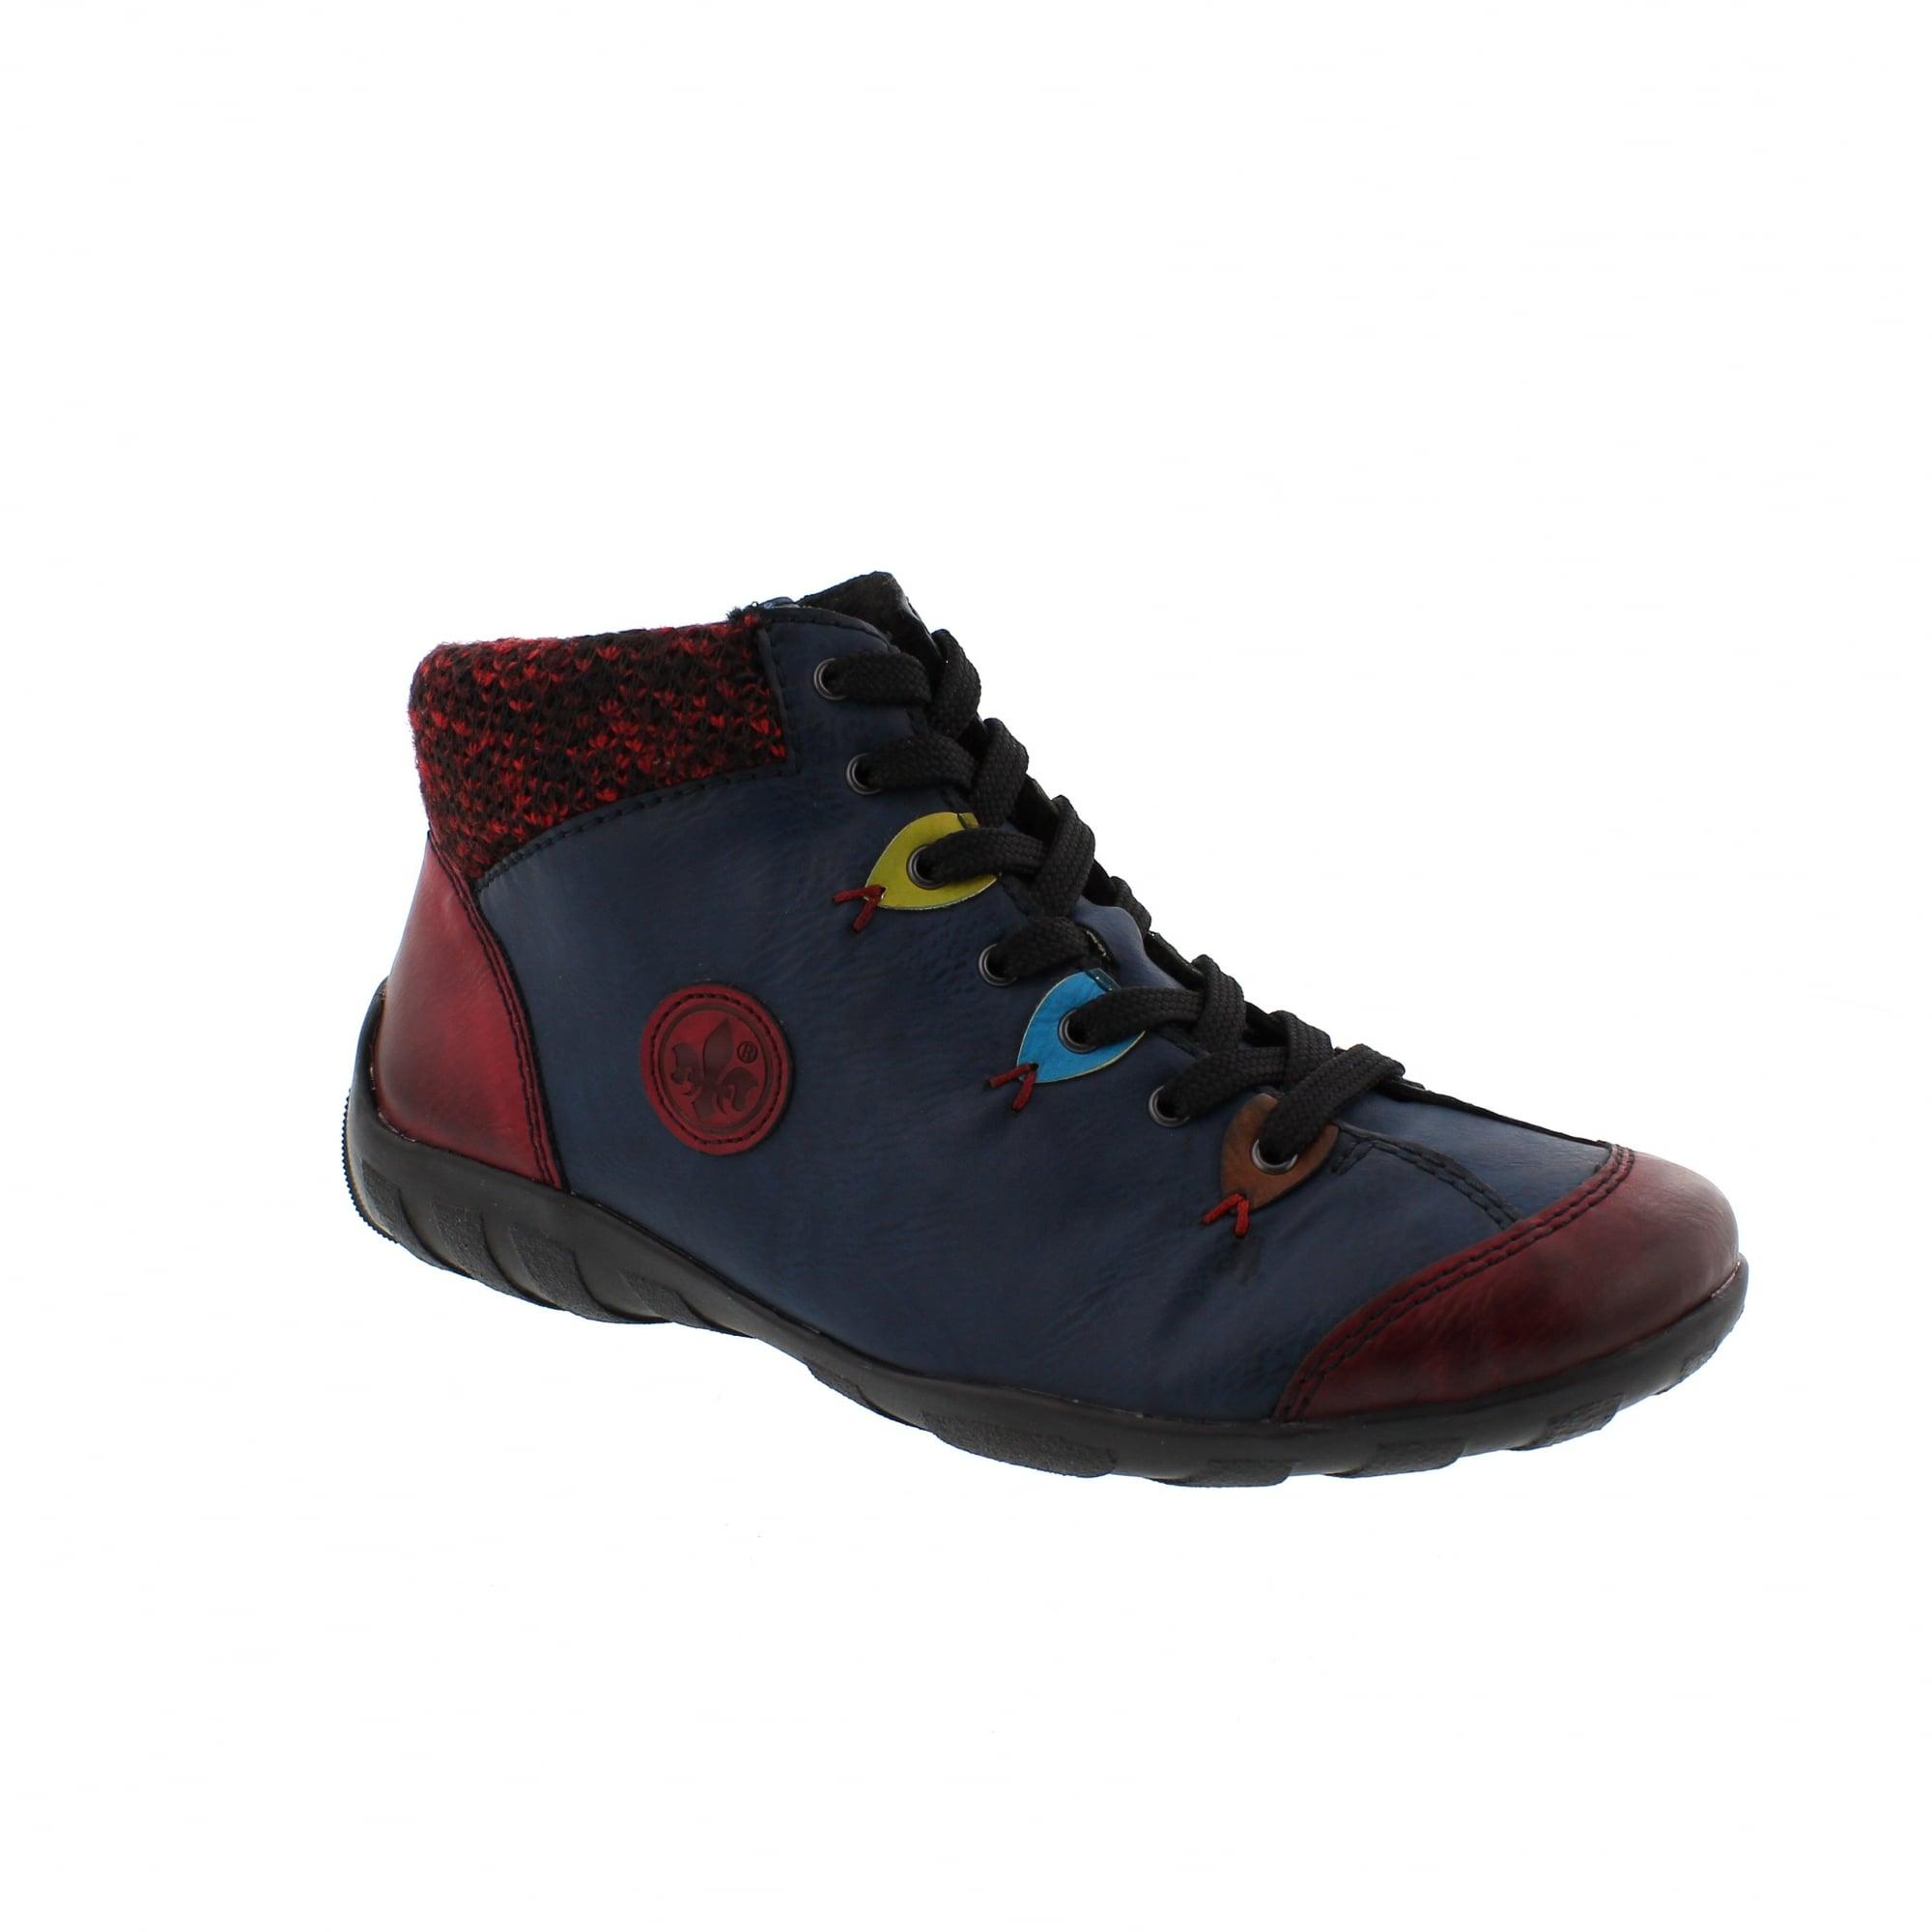 harmonische Farben neu billig reduzierter Preis Rieker L6513-36 Navy/Burgundy Womens Ankle Boots | Rogerson ...